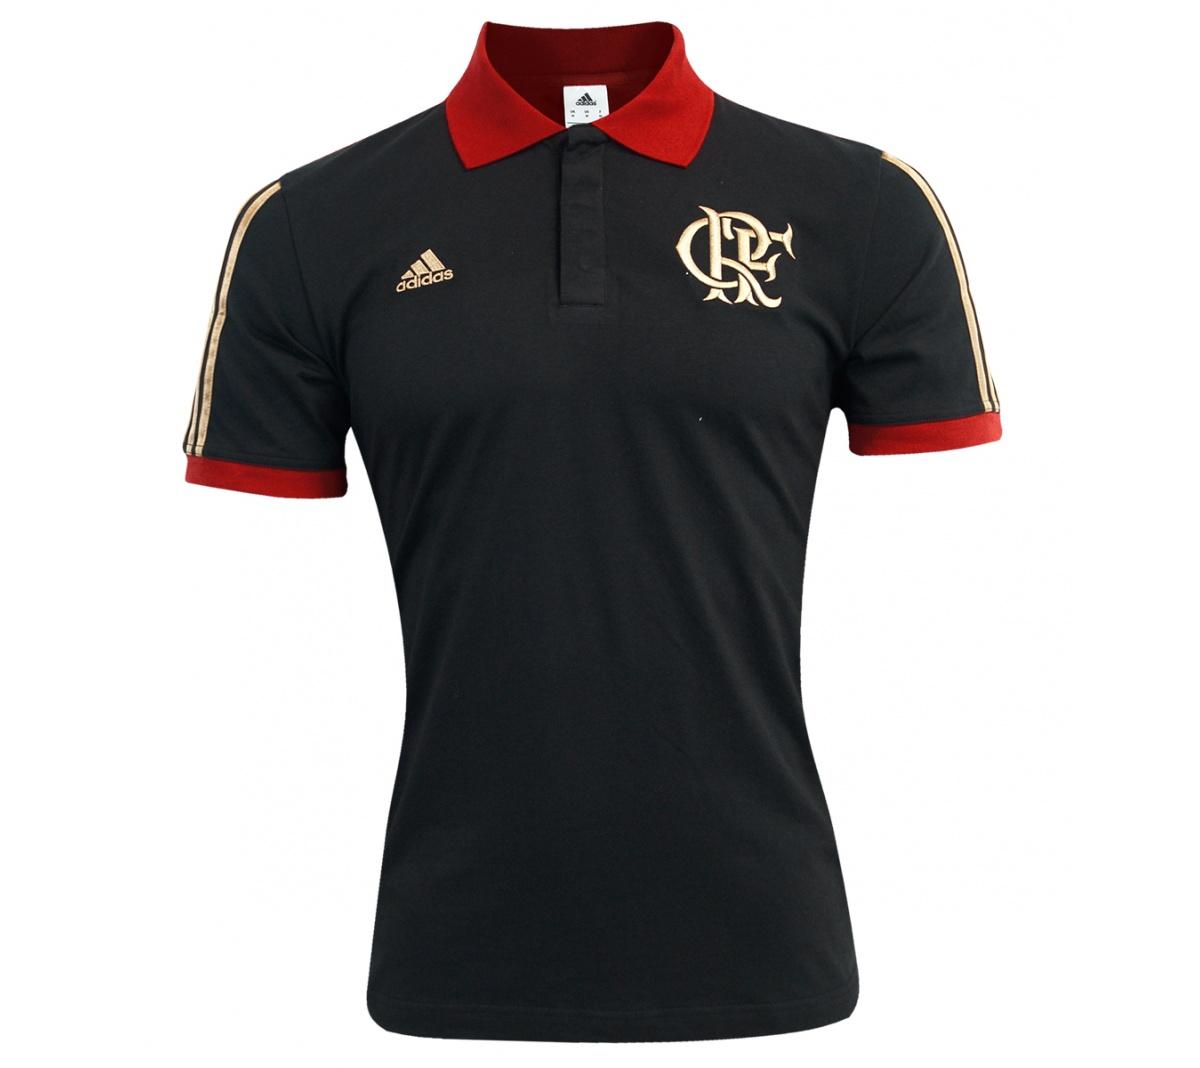 dbecde3319b78 Camisa Flamengo Adidas Polo Co Camisa Flamengo Adidas Polo Co ...